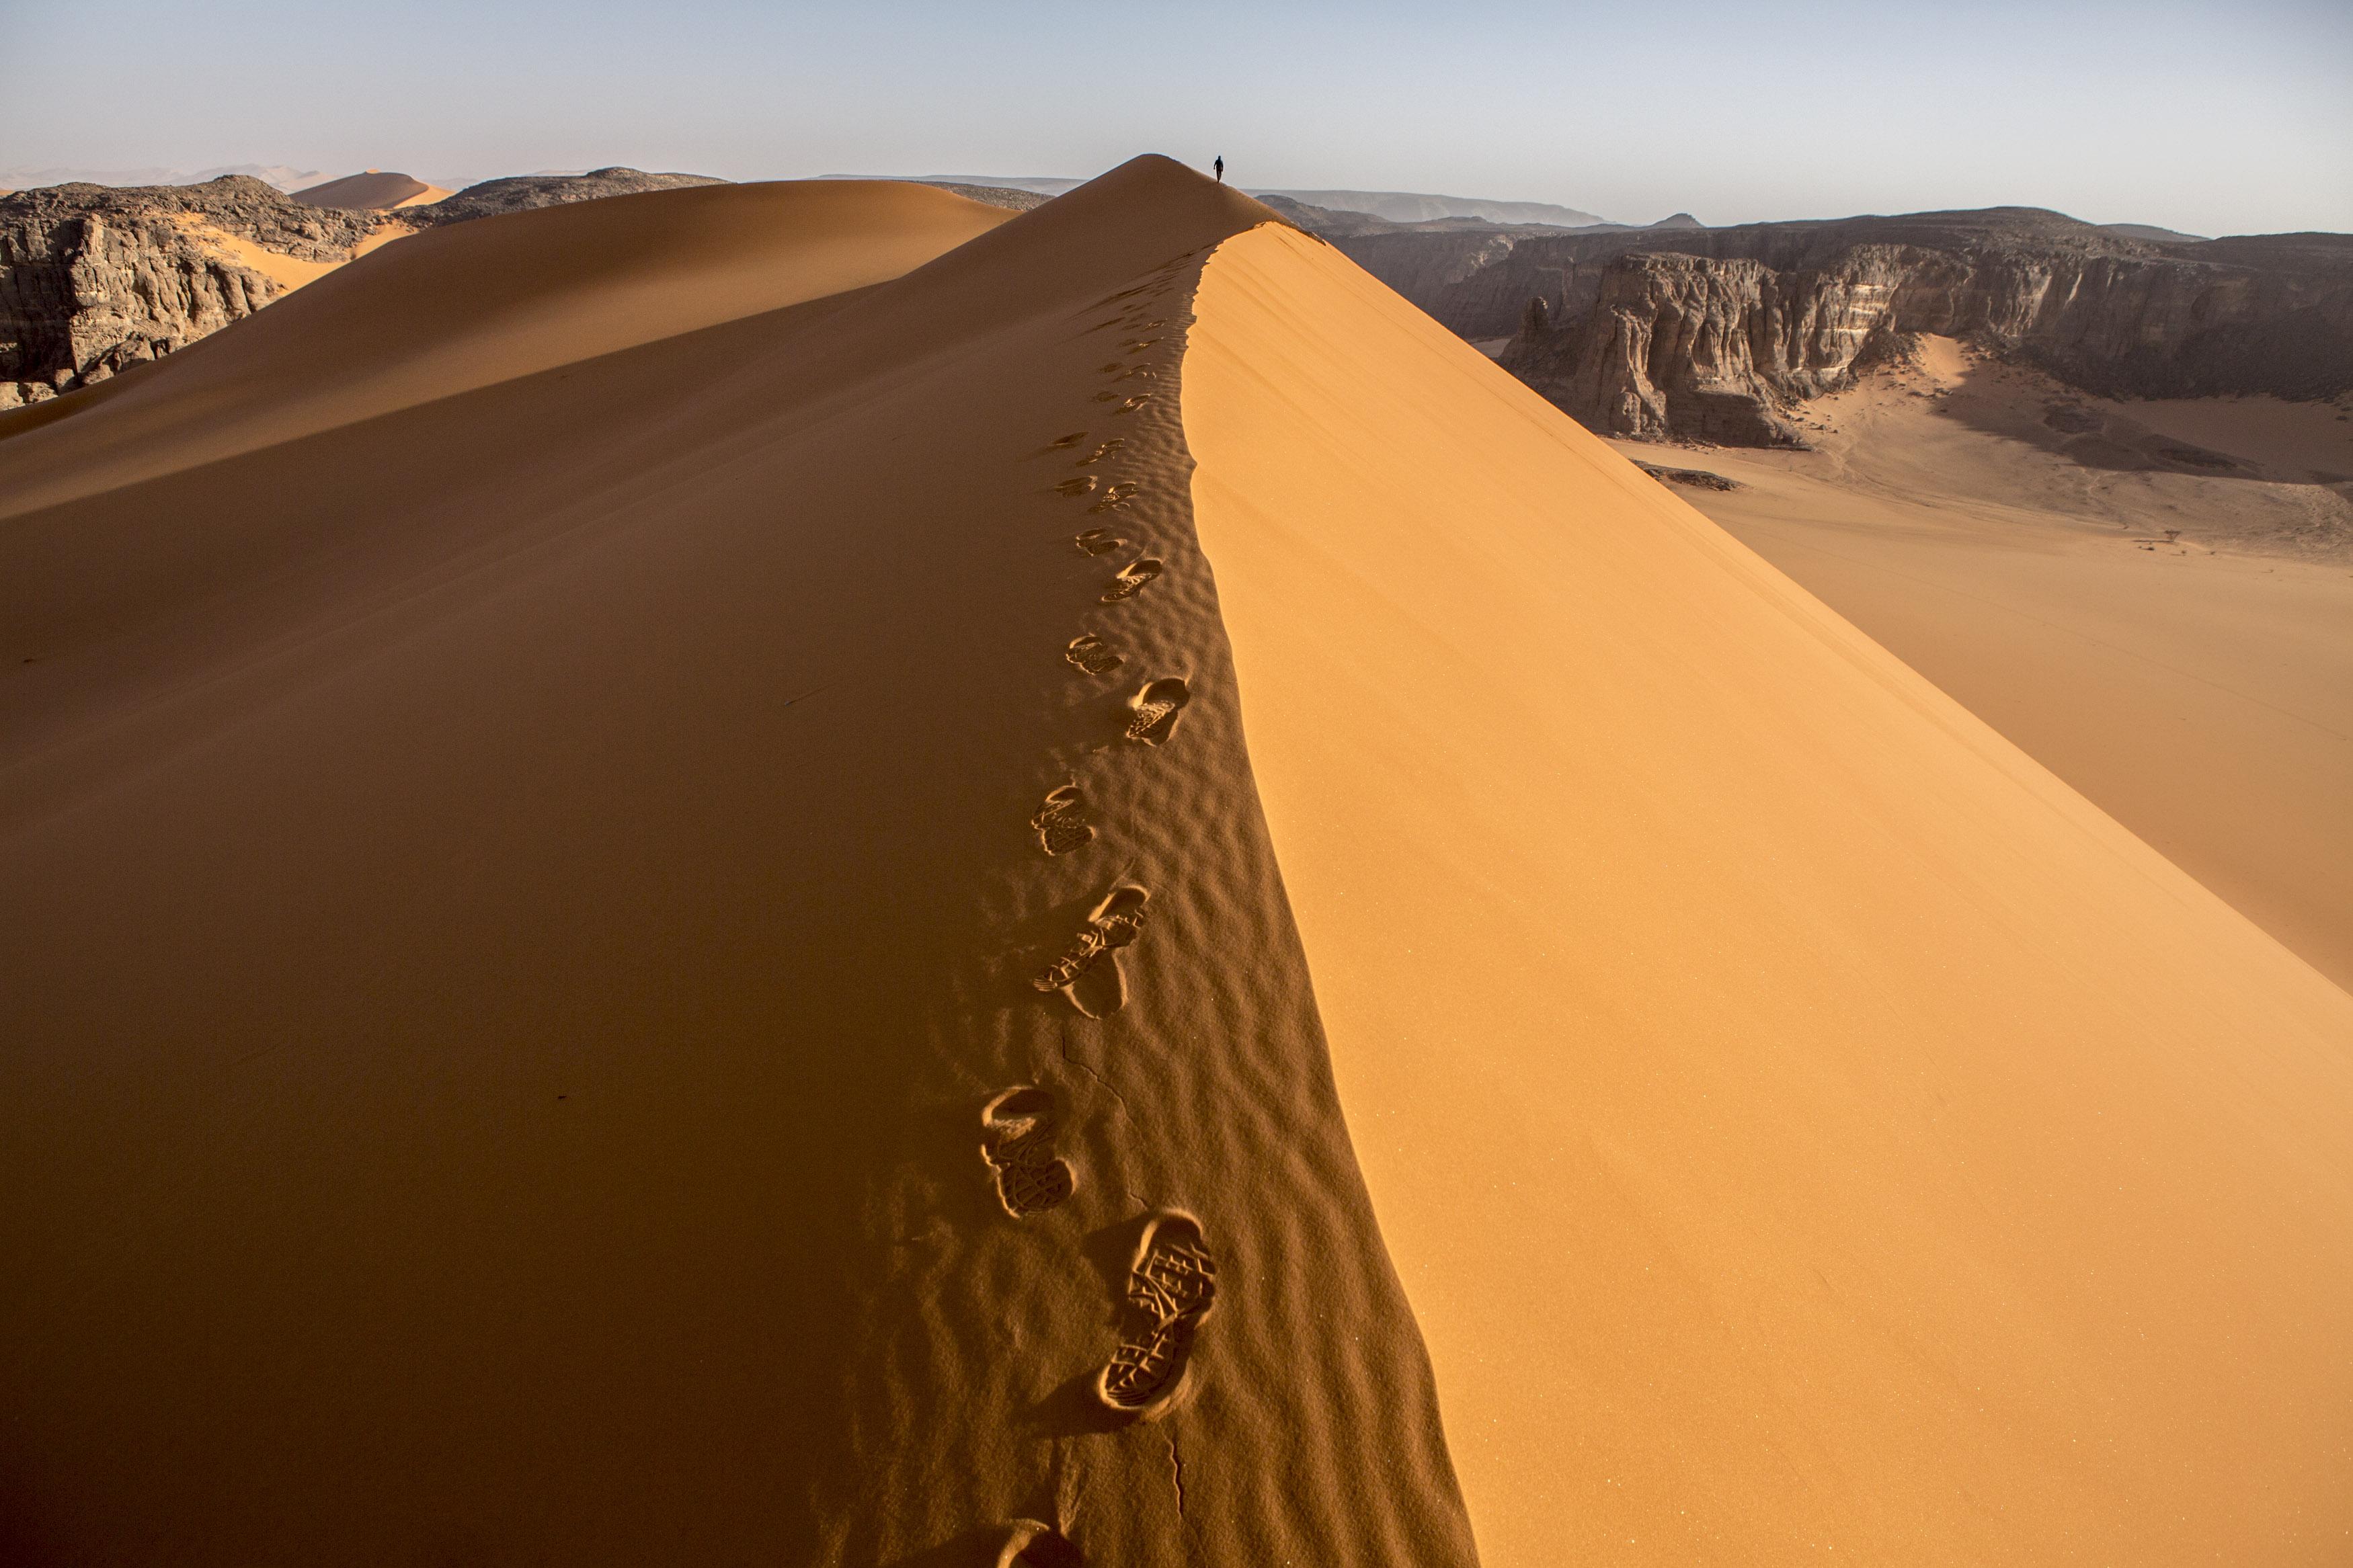 One man is walking alone on a dune in the Tadrart.The Tadrart (200 km southeast of Djanet) is located in the south of the Tassili N'Ajjer National Park and is part of one of the most beautiful desert in the world but above all the central Sahara.From huge canyons to cliffs carved with rocky peaks of various shapes mix with dunes of colored sand with yellow and red reflections. The Tadrart, Algeria-February 8, 2017. Un homme marche seul sur une grande dune dans la Tadrart. La Tadrart (200 km au sud-est de Djanet) se situe dans le sud du Parc National du Tassili N'Ajjer et il fait partie d'un des plus beau désert au monde mais avant tout du Sahara central. D'immenses canyons aux falaises sculptées avec de pitons rocheux aux formes les plus diverses  se mélangent avec des dunes de sable coloré aux reflets jaune et rouge. La Tadrart, Algérie-8 février 2017.